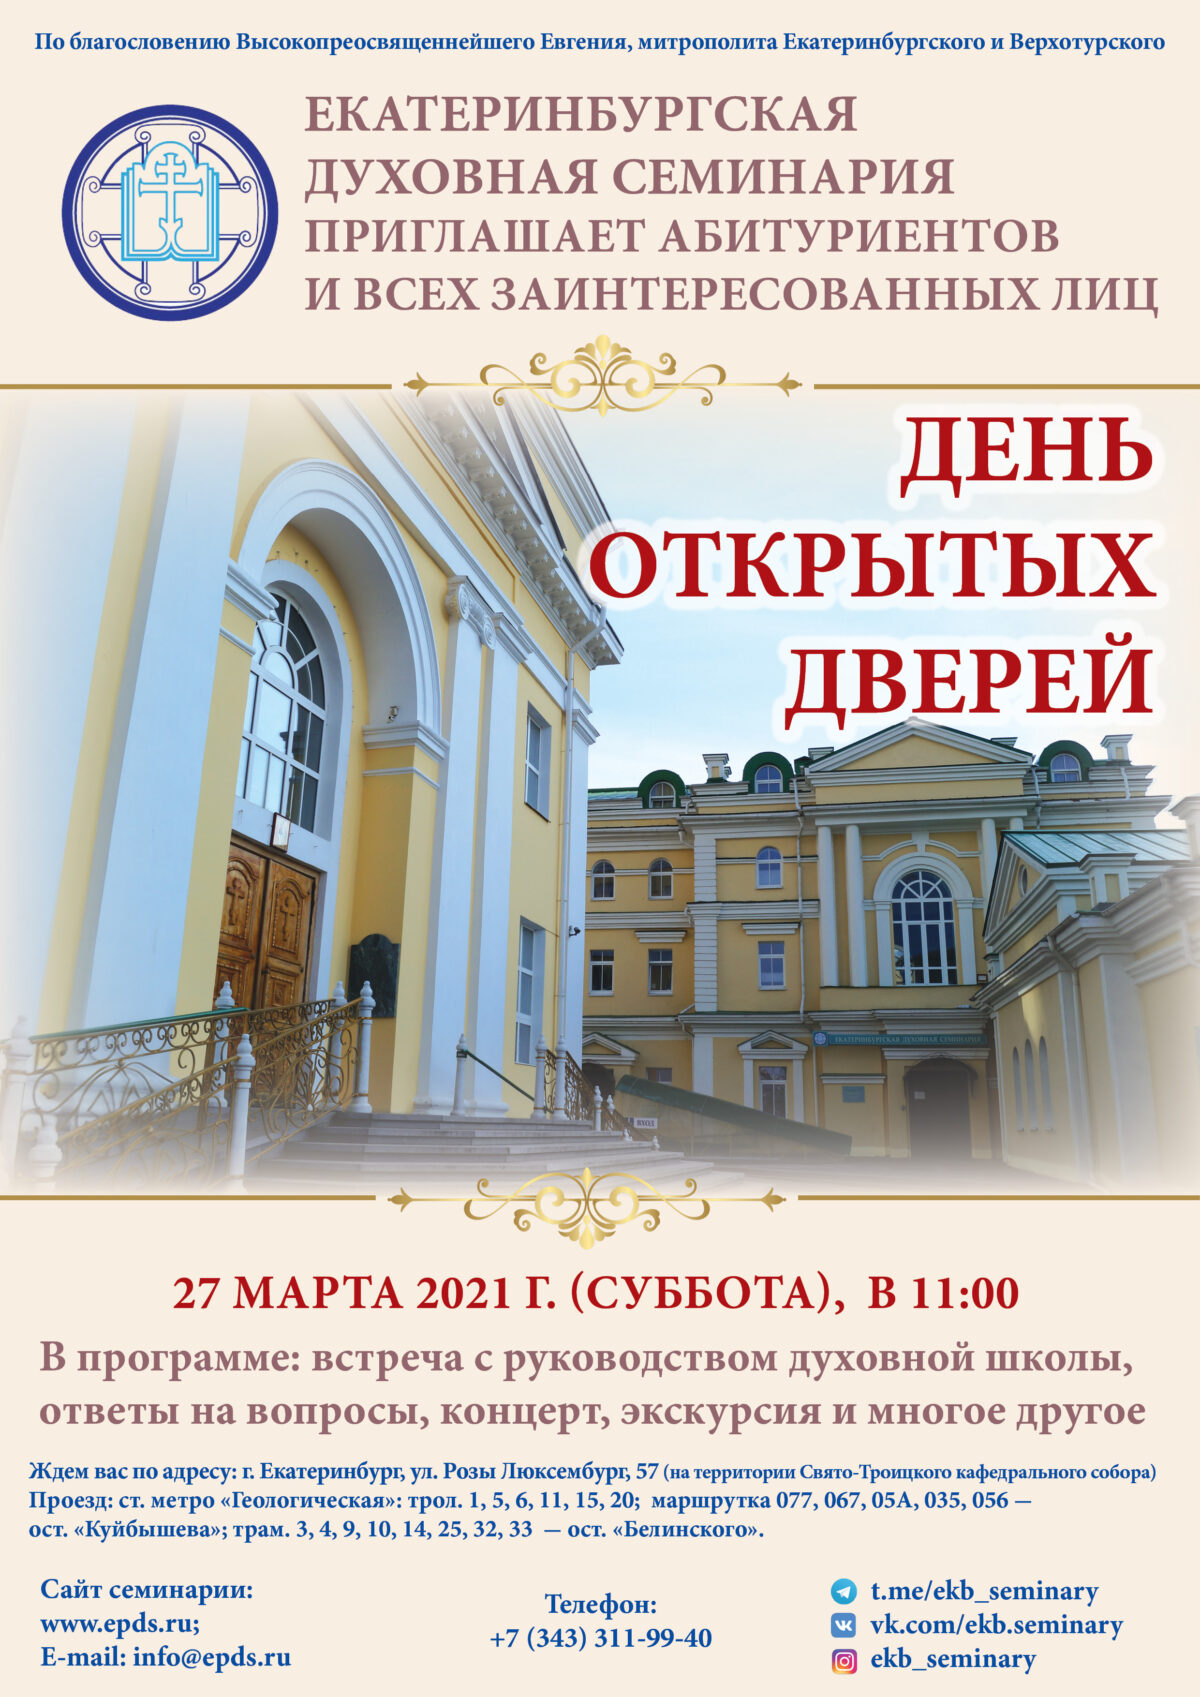 Екатеринбургская духовная семинария приглашает абитуриентов на День открытых дверей